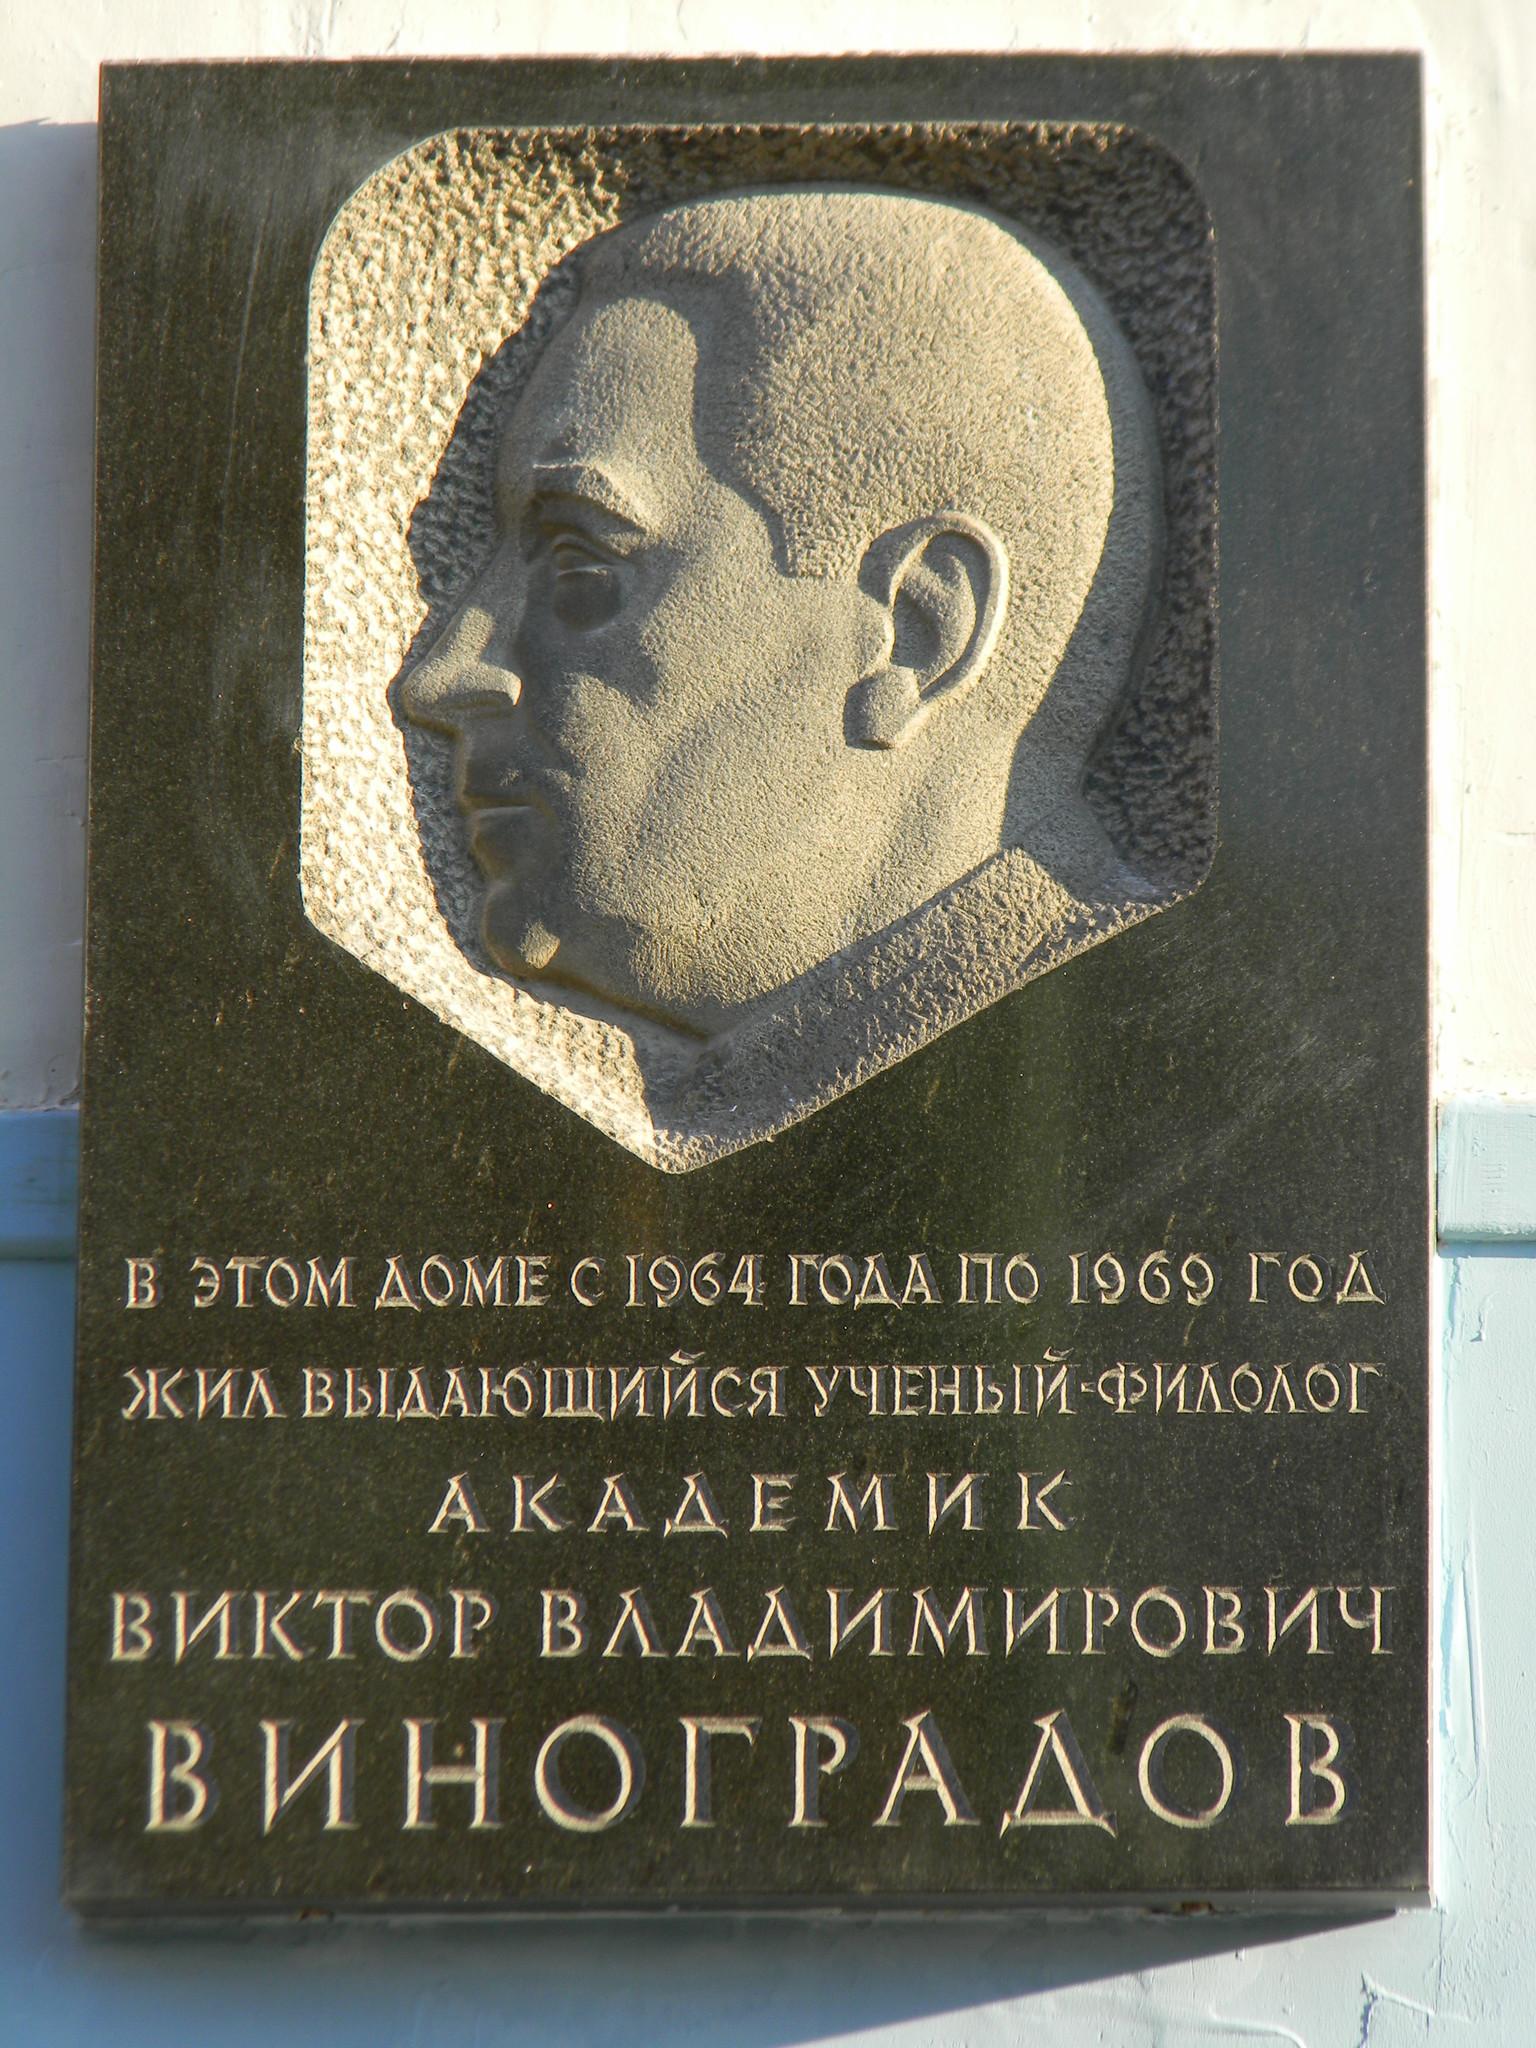 Мемориальная доска на фасаде дома (Калашный переулок, дом 2/10), где с 1964 года по 1969 год жил выдающийся учёный-филолог, академик Виктор Владимирович Виноградов